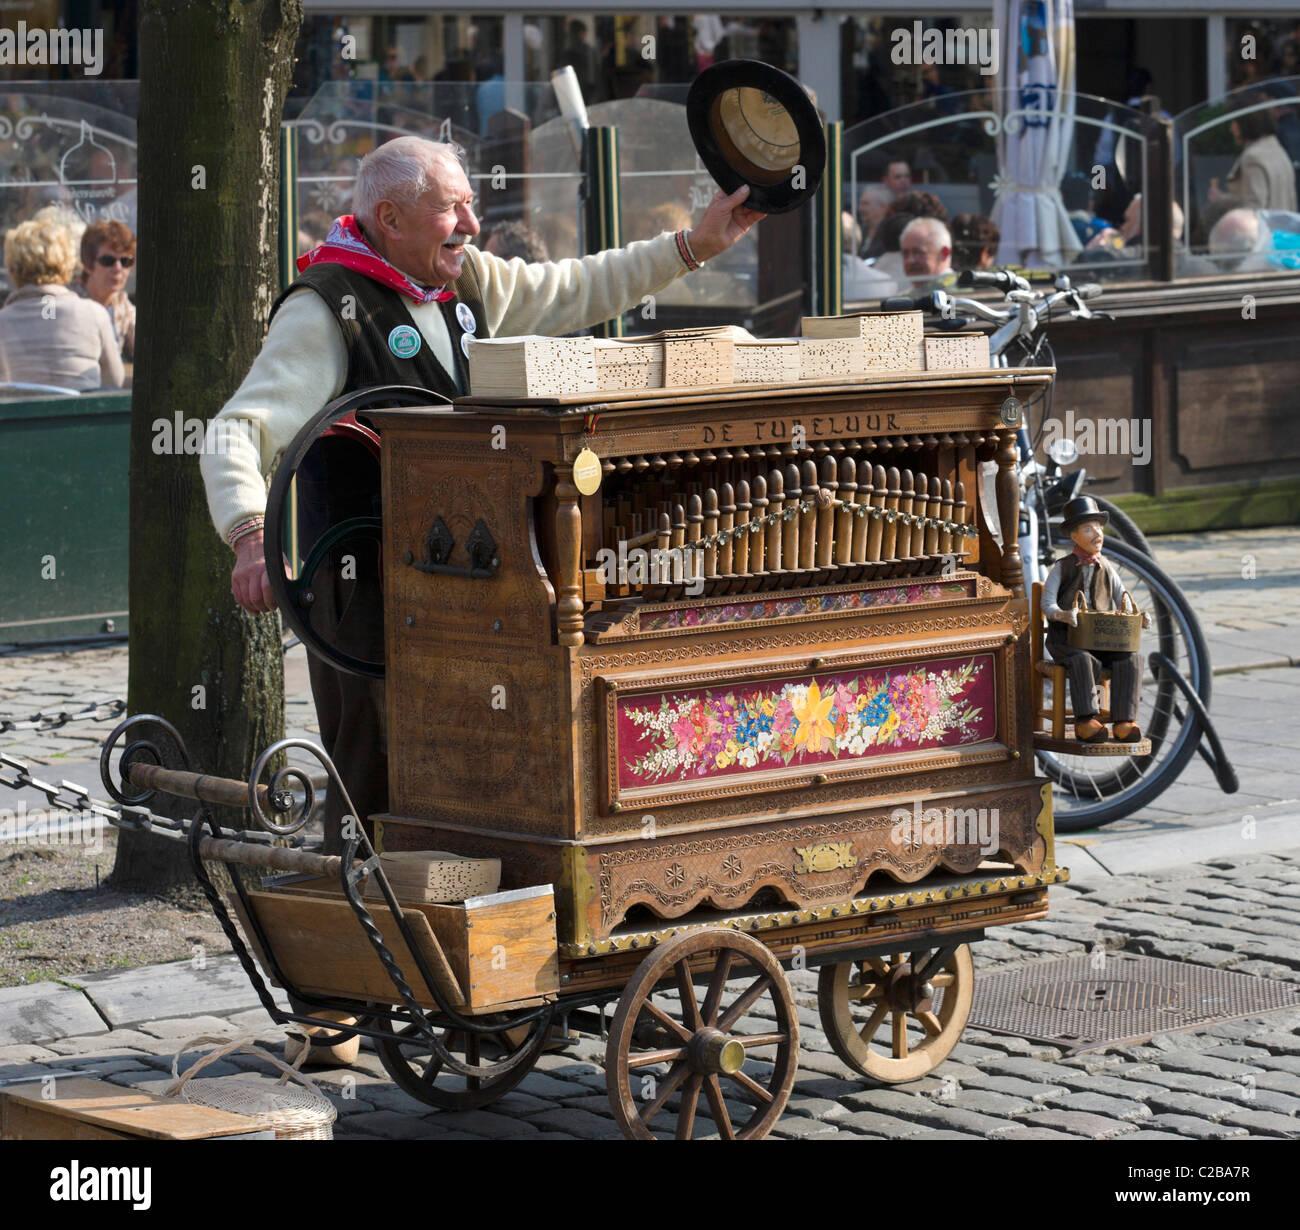 Barril viejo órgano reproductor en la Grote Markt (Plaza Principal), Antwerp, Bélgica. Imagen De Stock